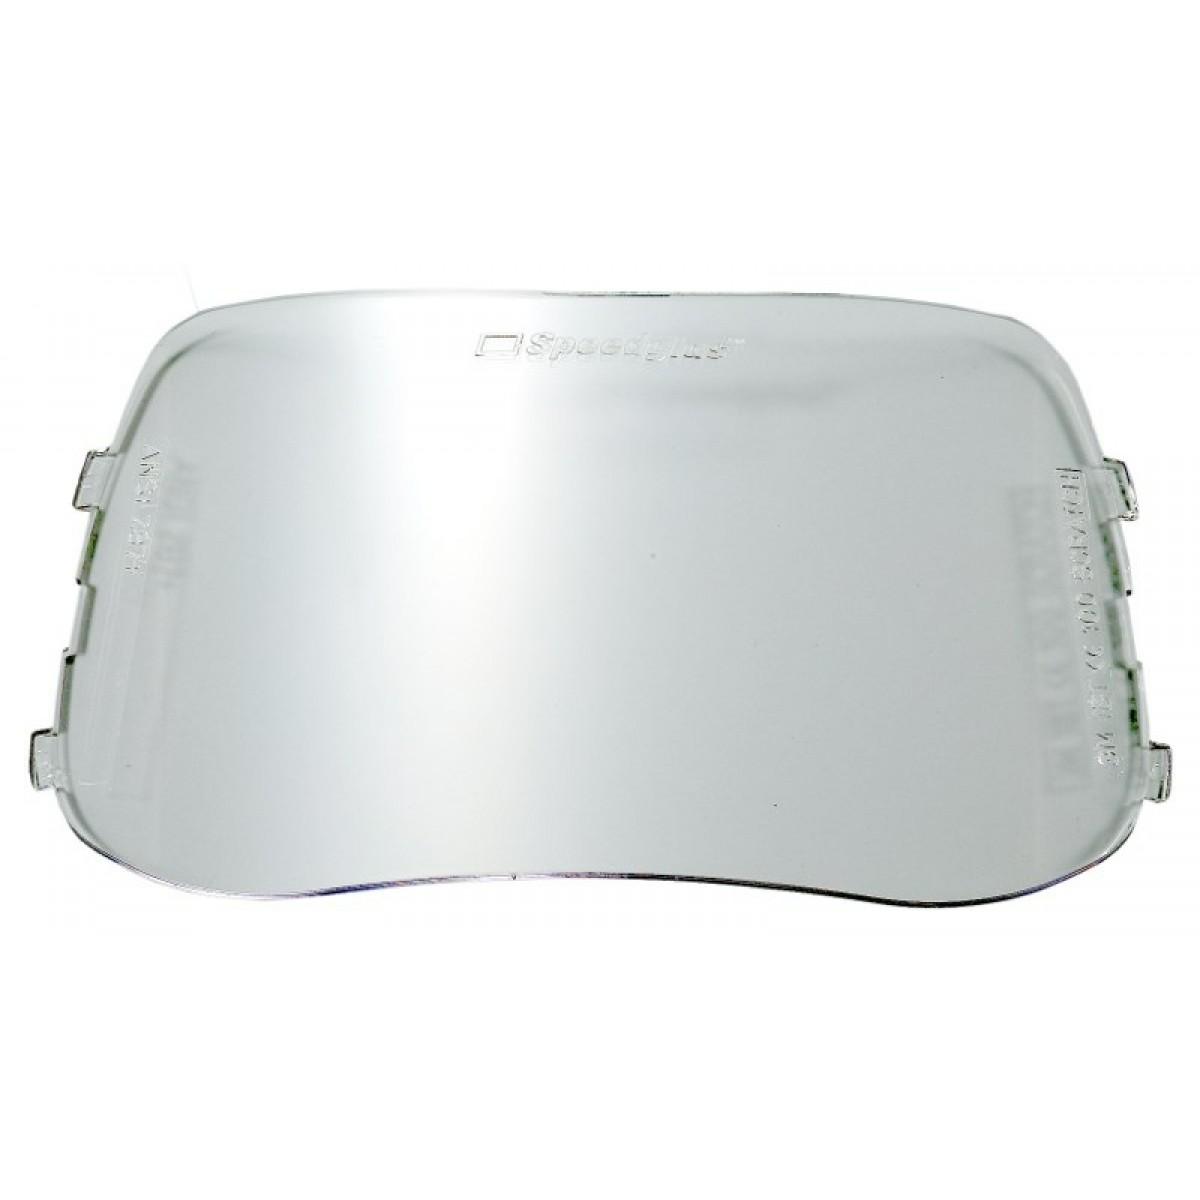 3M Speedglas beskyttelsesglas Ydre-31